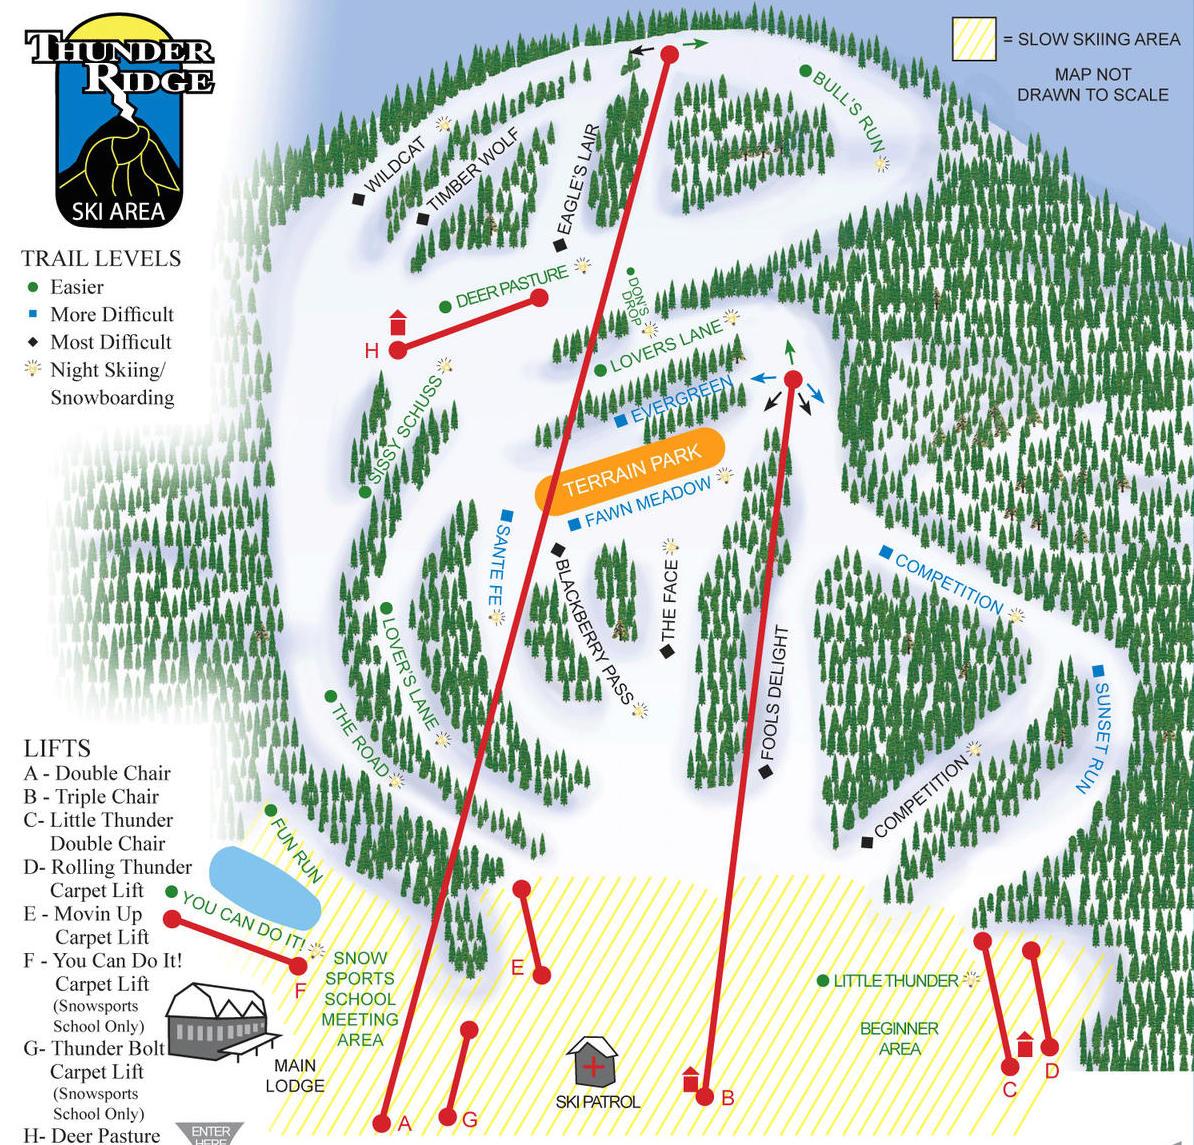 thunder-ridge-trail-map